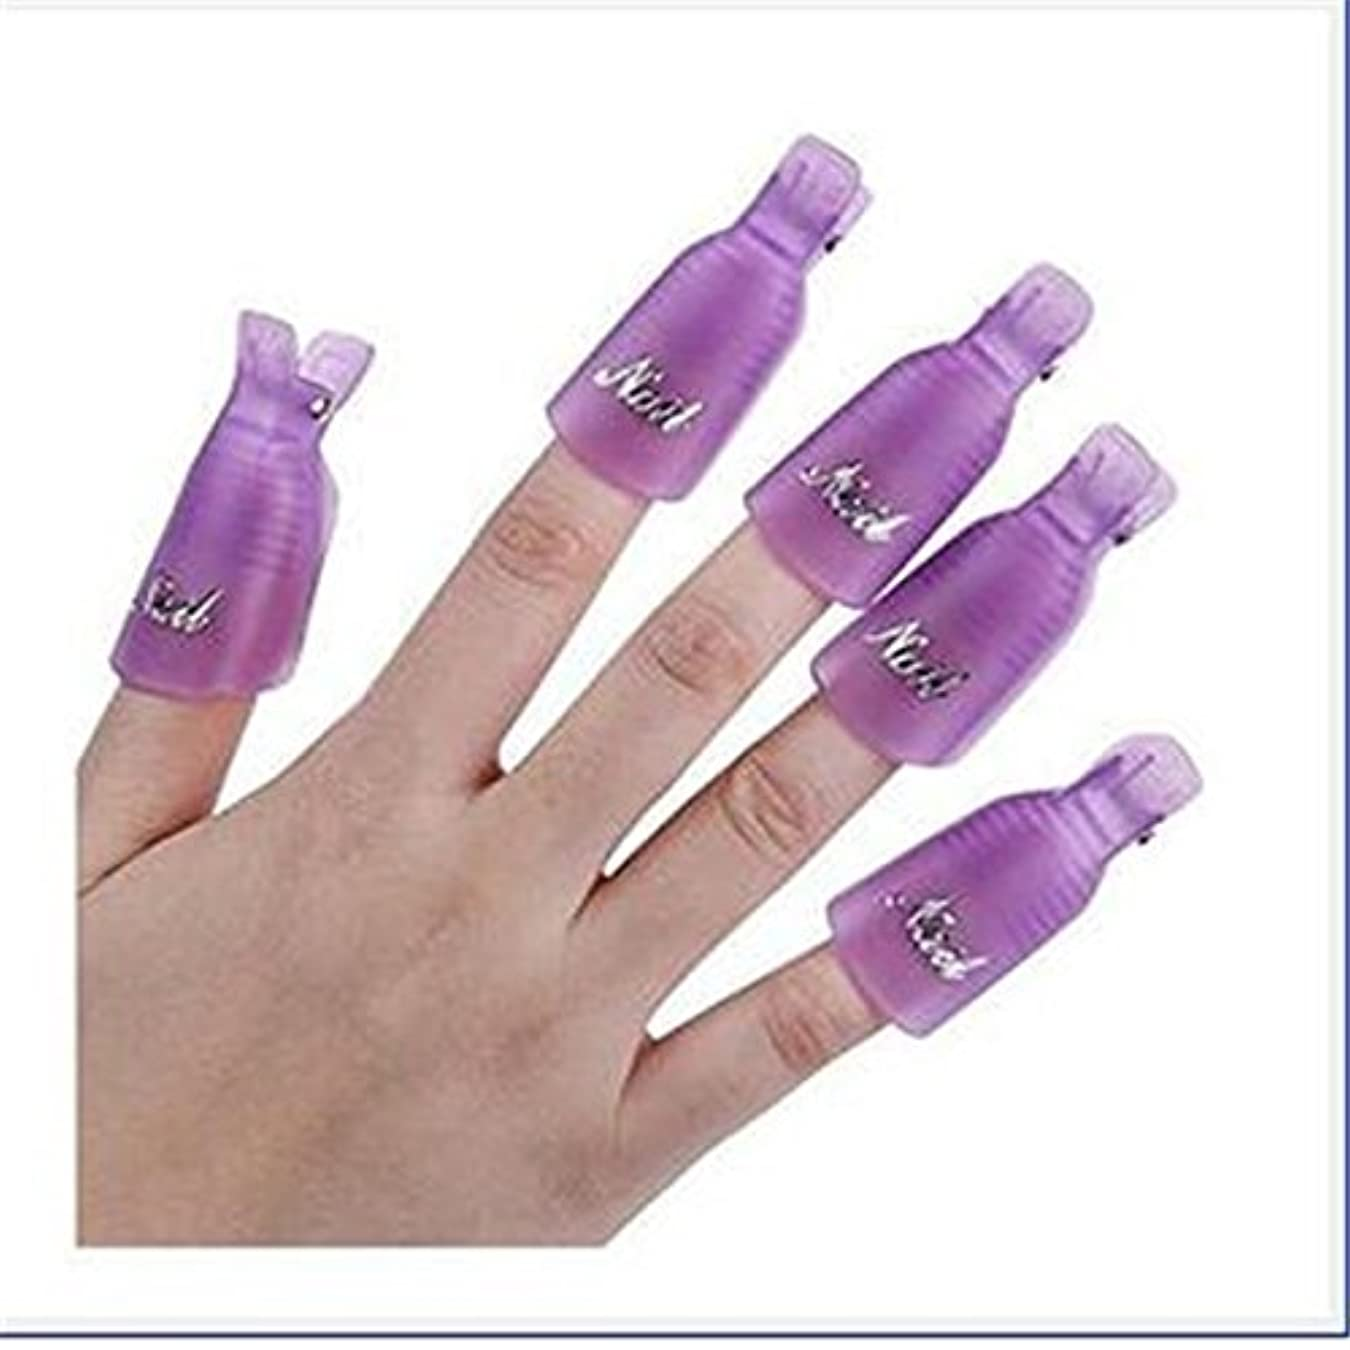 ボーカルスキムつぶすアクリル樹脂爪10が冷却され、取り外し可能なクリップキャップUVポリッシュリムーバージェルは、紫色のパッケージを包ん